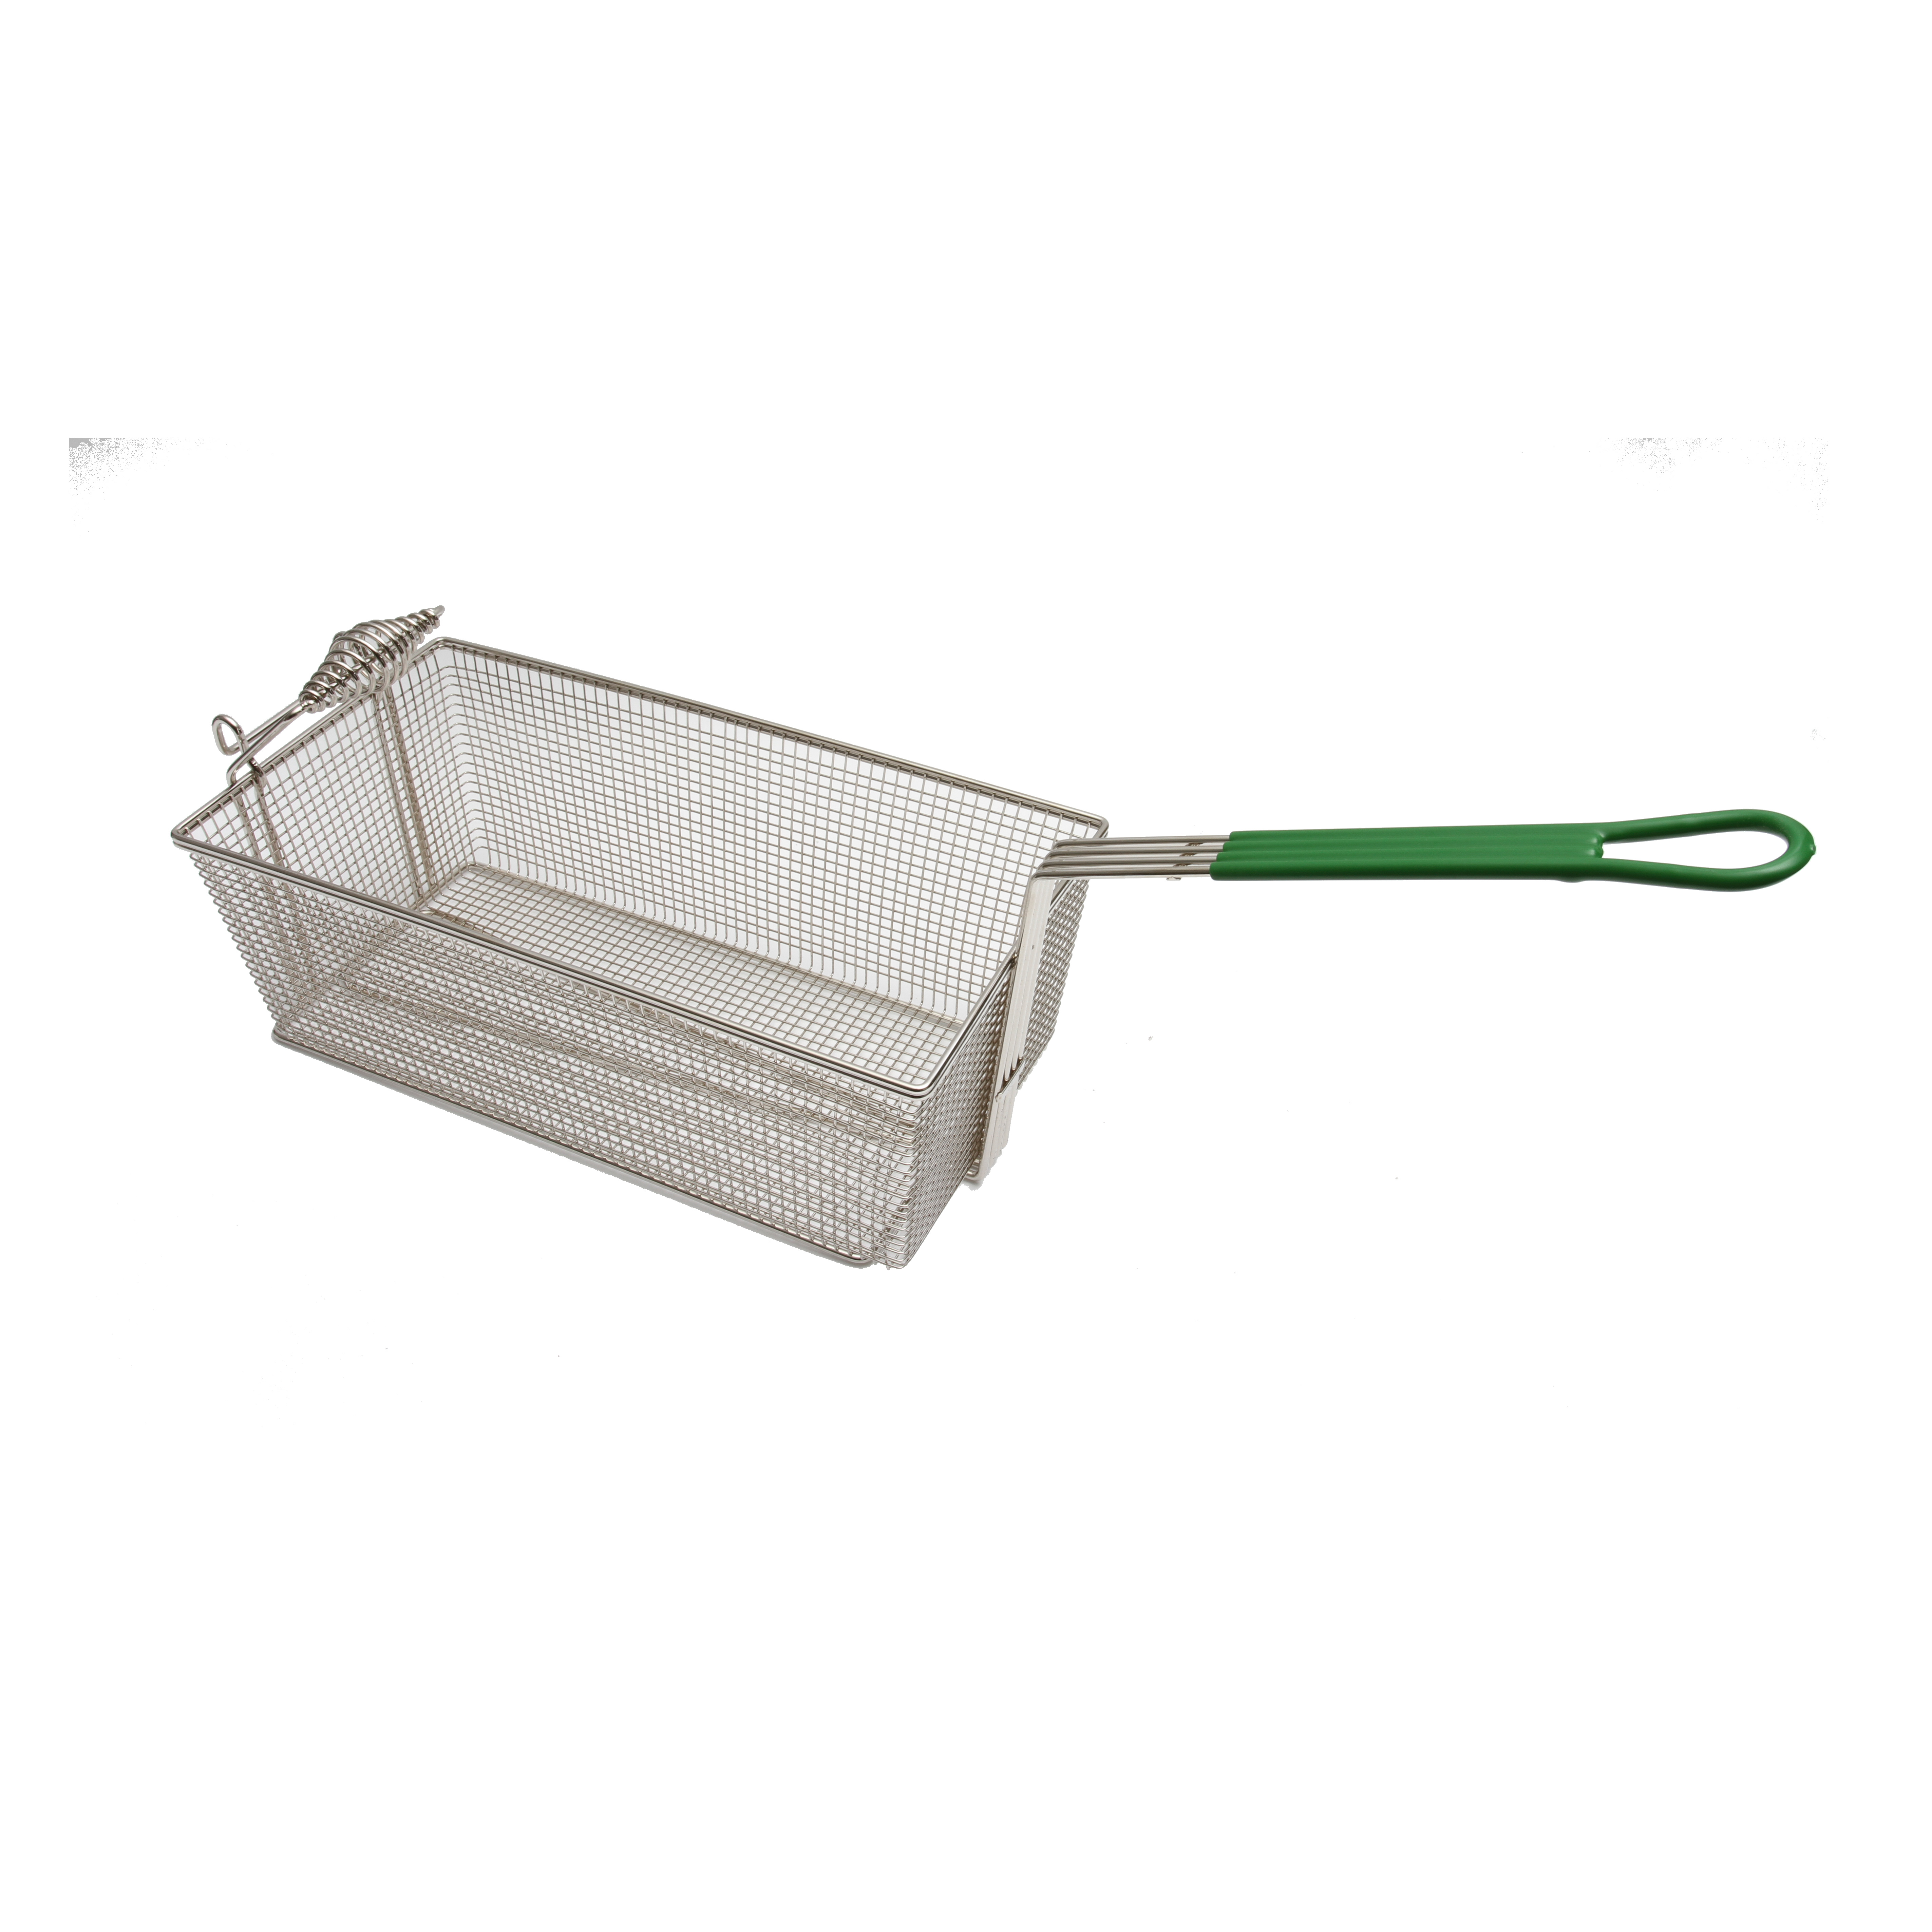 Frymaster 803-0024 fryer basket